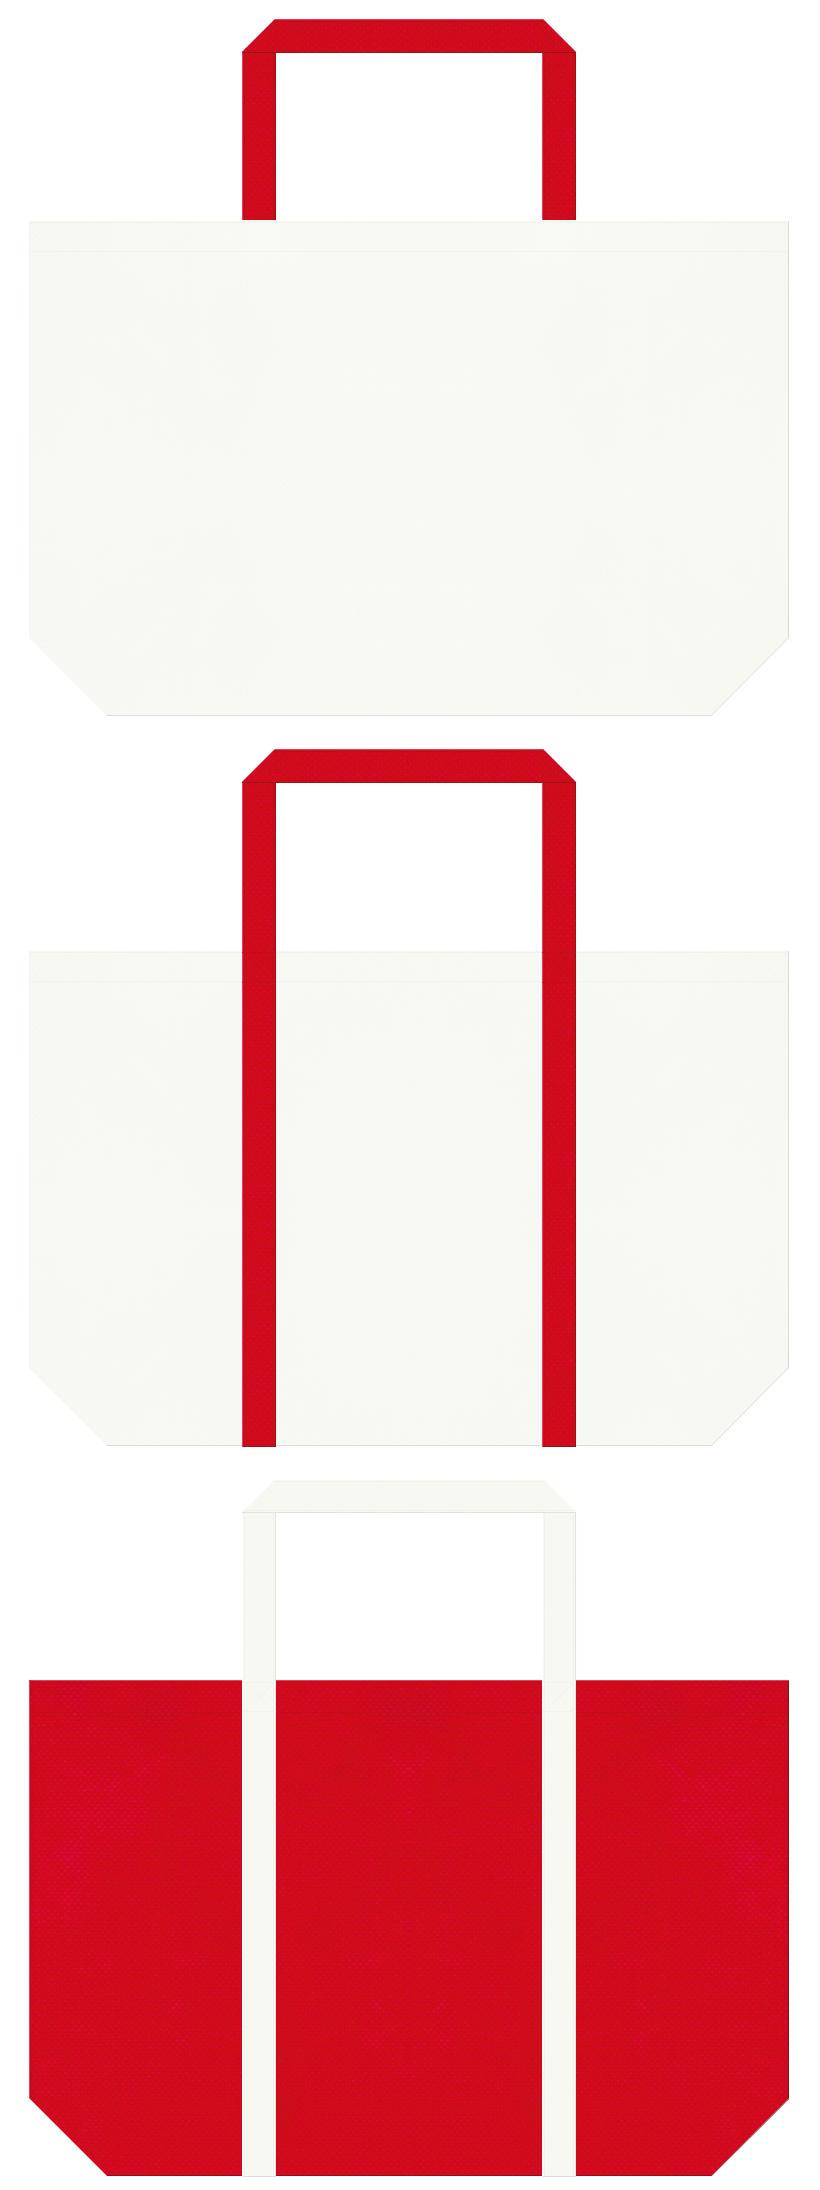 医療・救急用品・いちご大福・いちごミルク・サンタクロース・クリスマス・バレンタイン・母の日・カーネーション・ハート・婚礼・お誕生日・ショートケーキ・スイーツの保冷バッグにお奨めの不織布バッグデザイン:オフホワイト色と紅色のコーデ